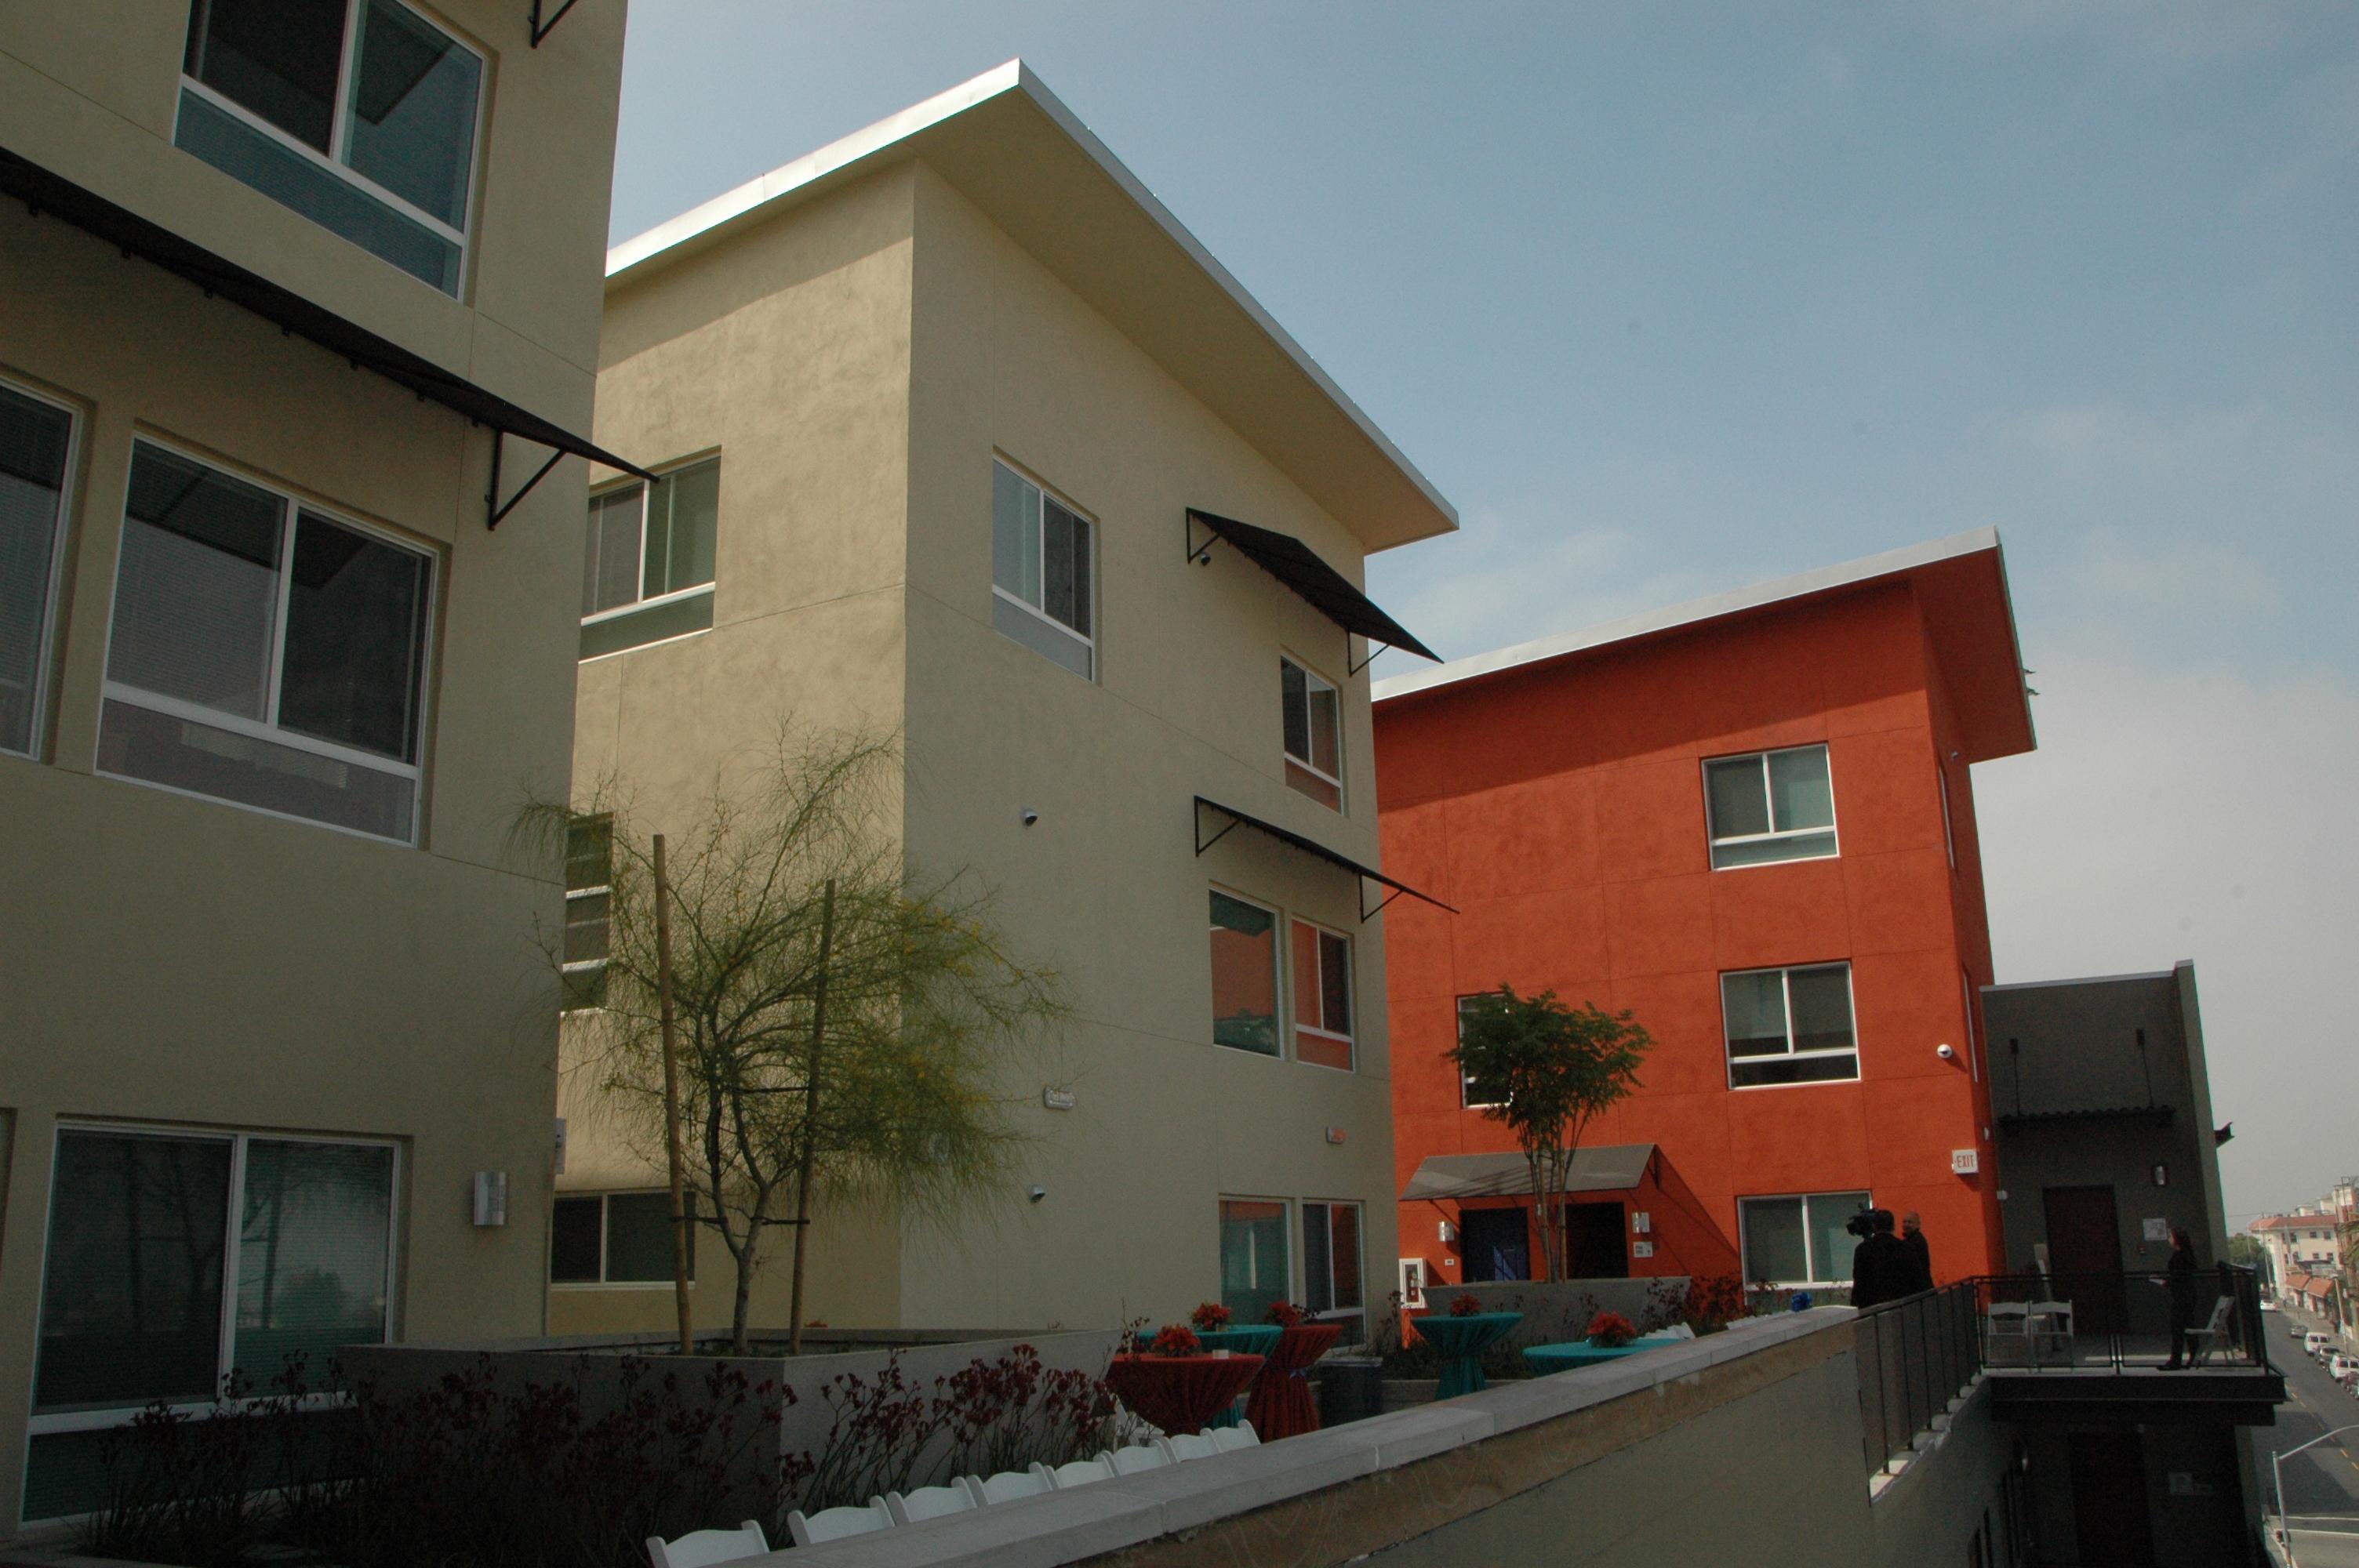 Aspecto del complejo de apartamentos para personas de bajos recursos en el parque MacArthur. (Foto Luis Inzunza/El Pasajero).